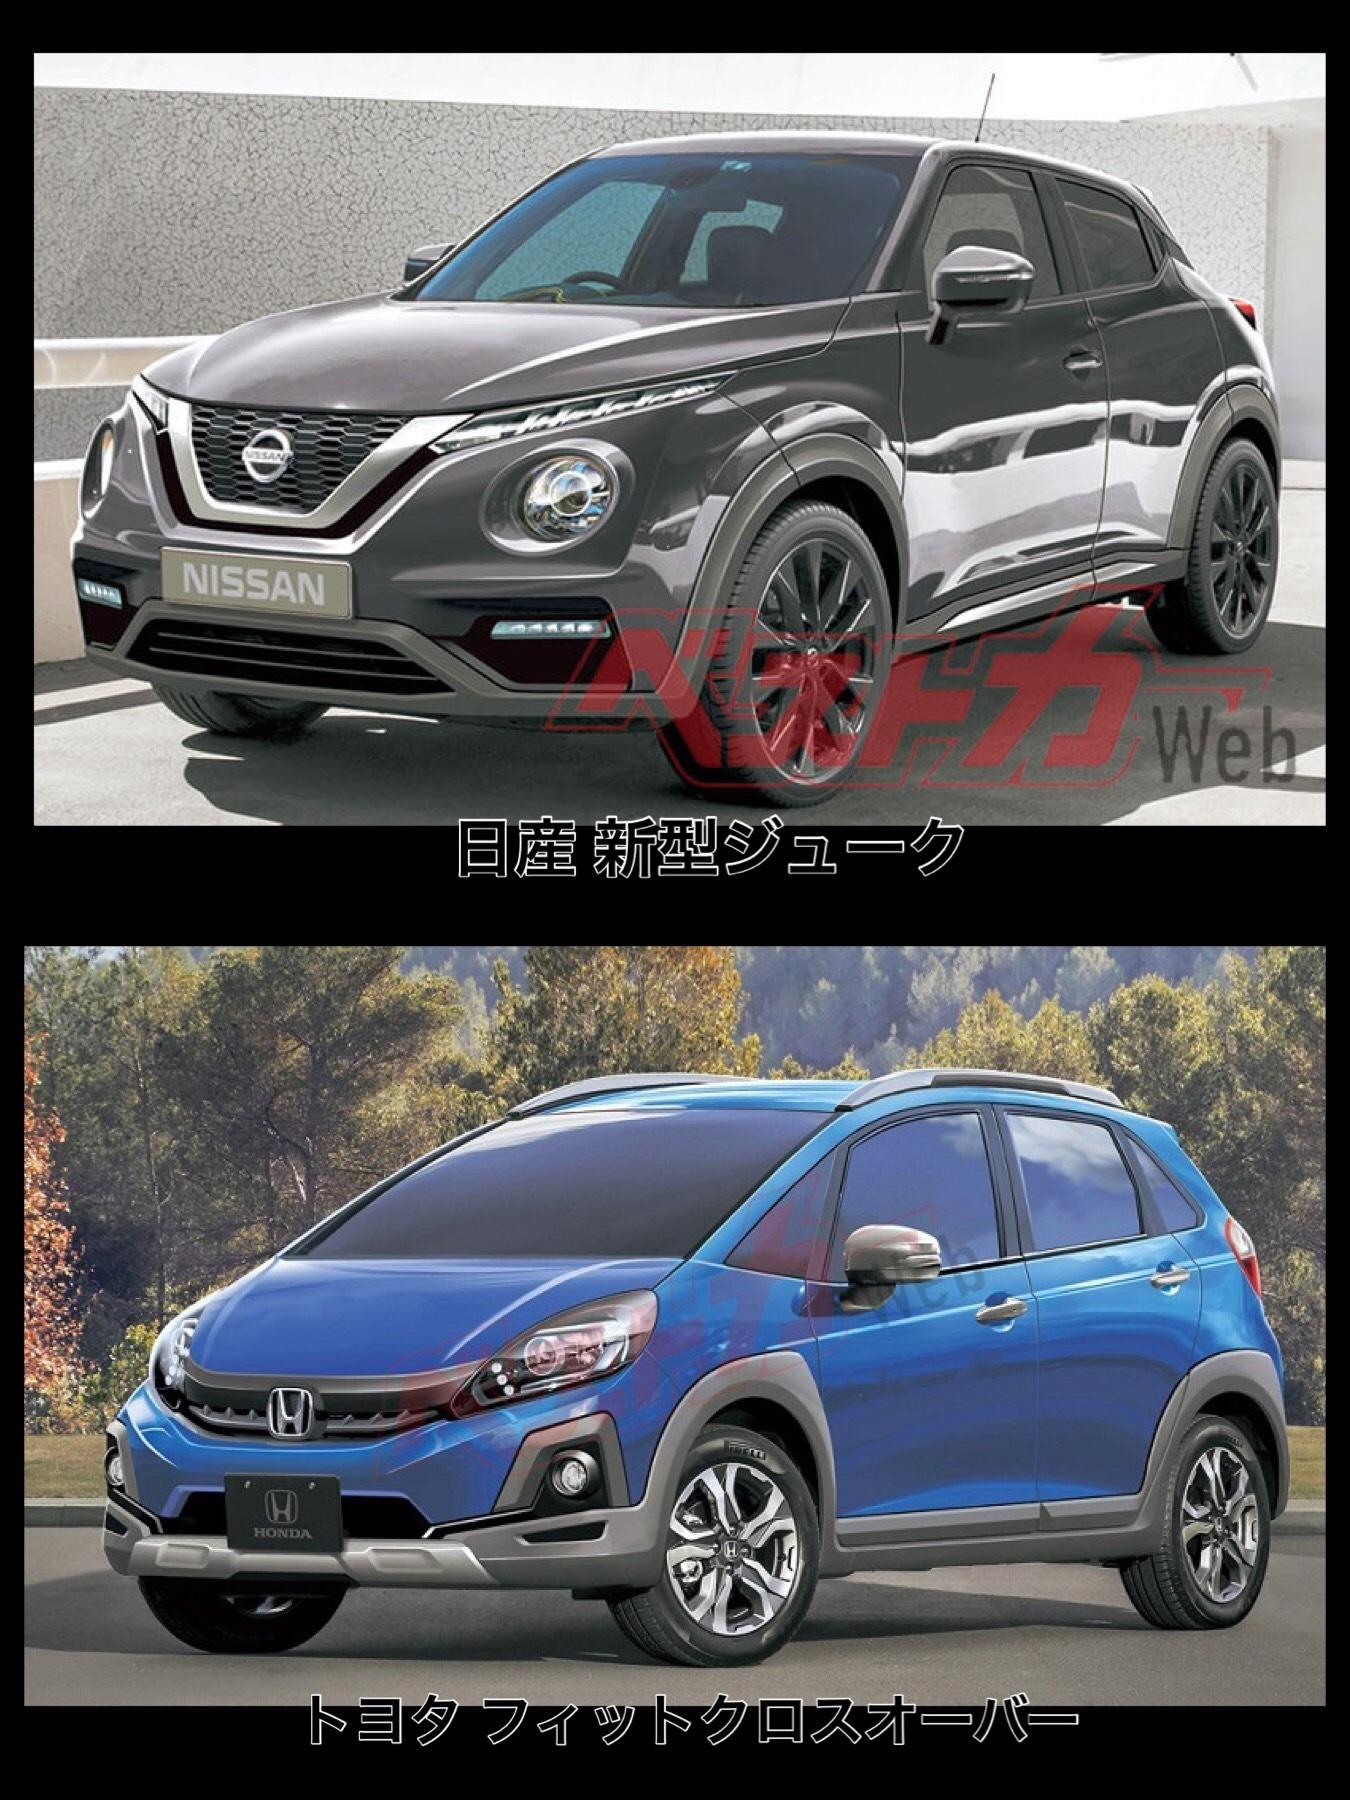 日産新型ジュークFMC トヨタ フィットクロスオーバー